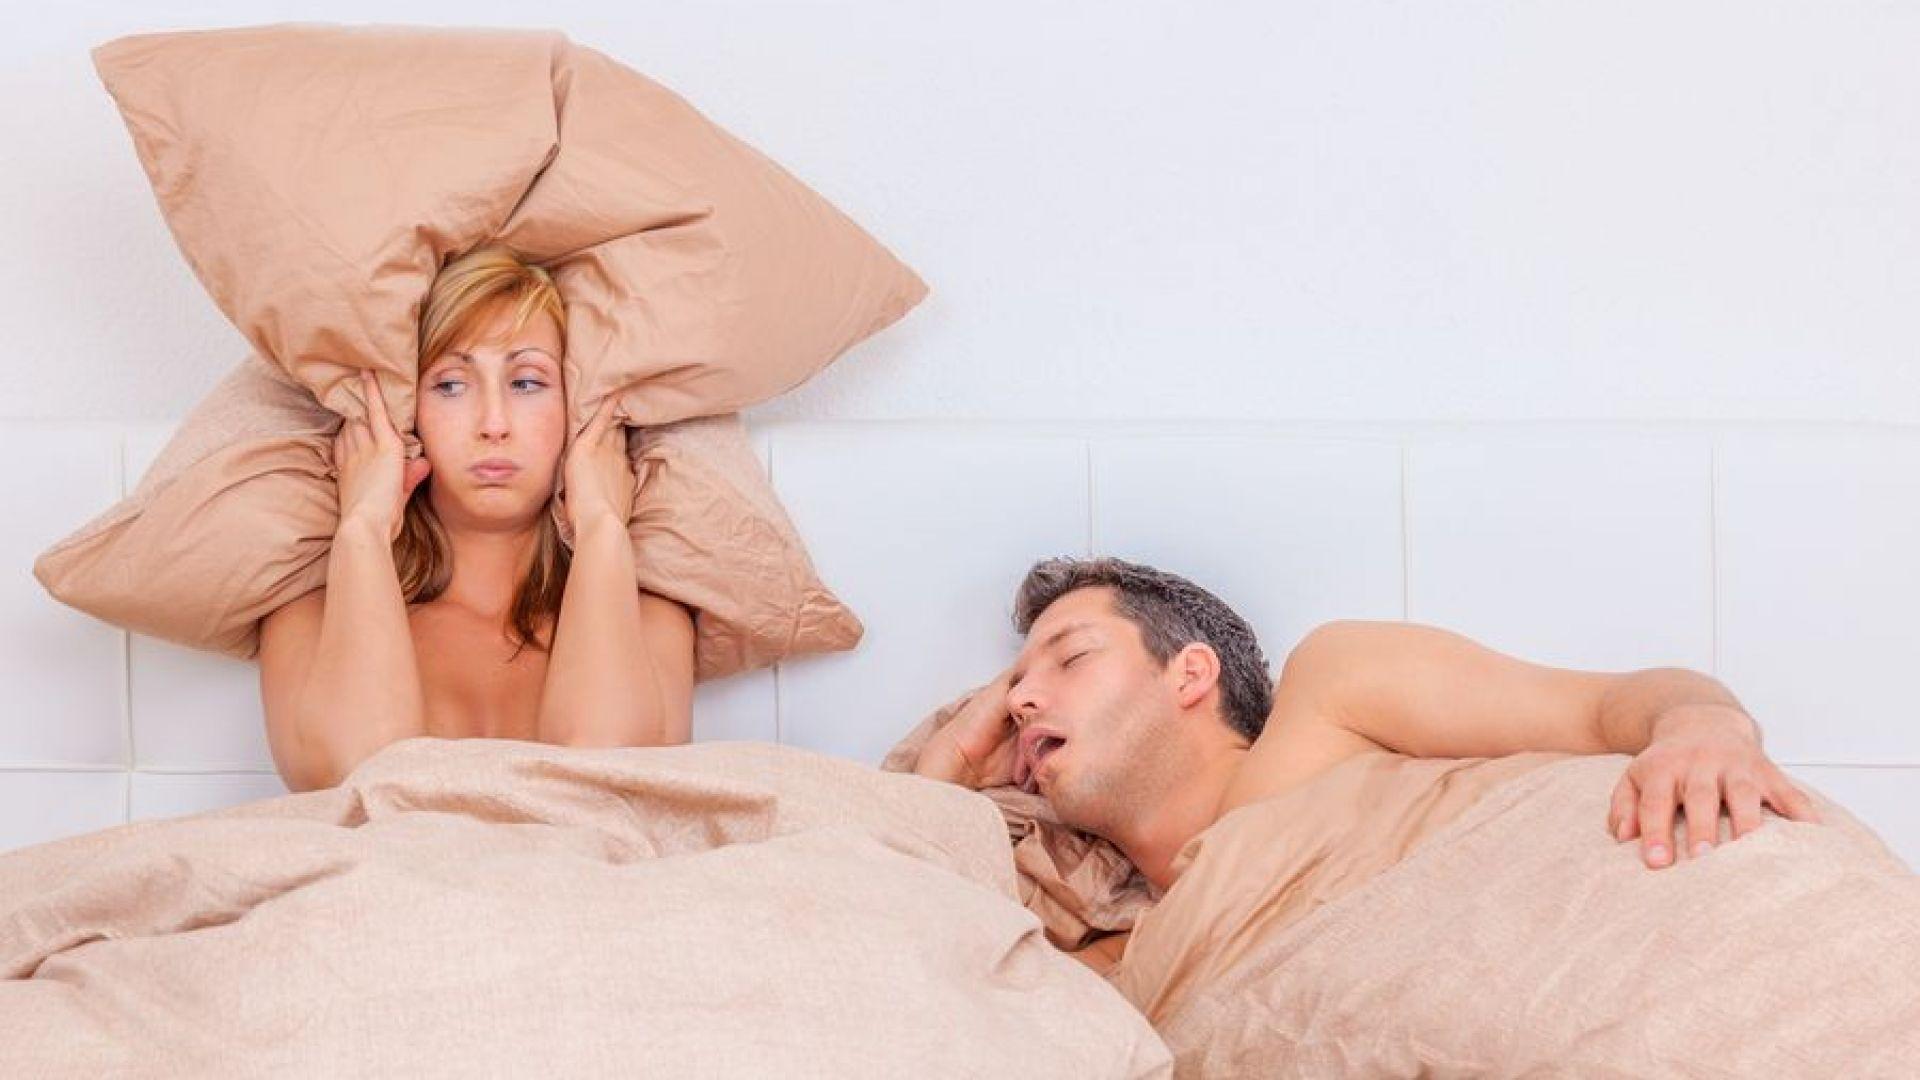 Най-досадните навици на партньора